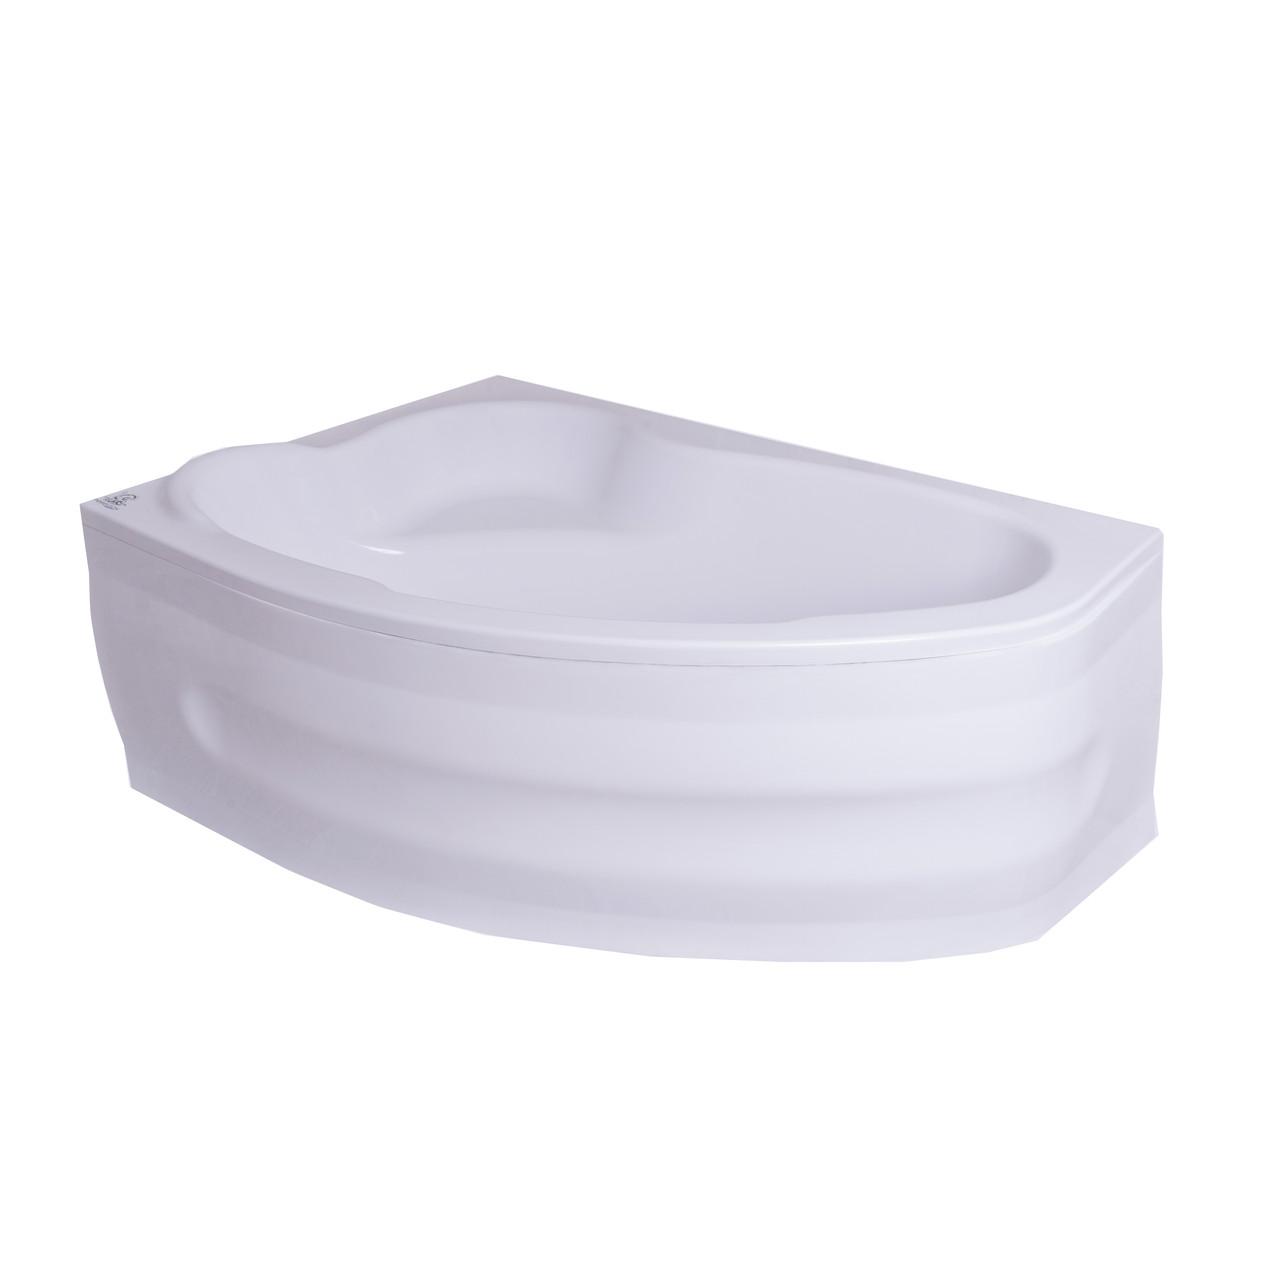 Угловая акриловая ванна Liora Lux 170*100 см